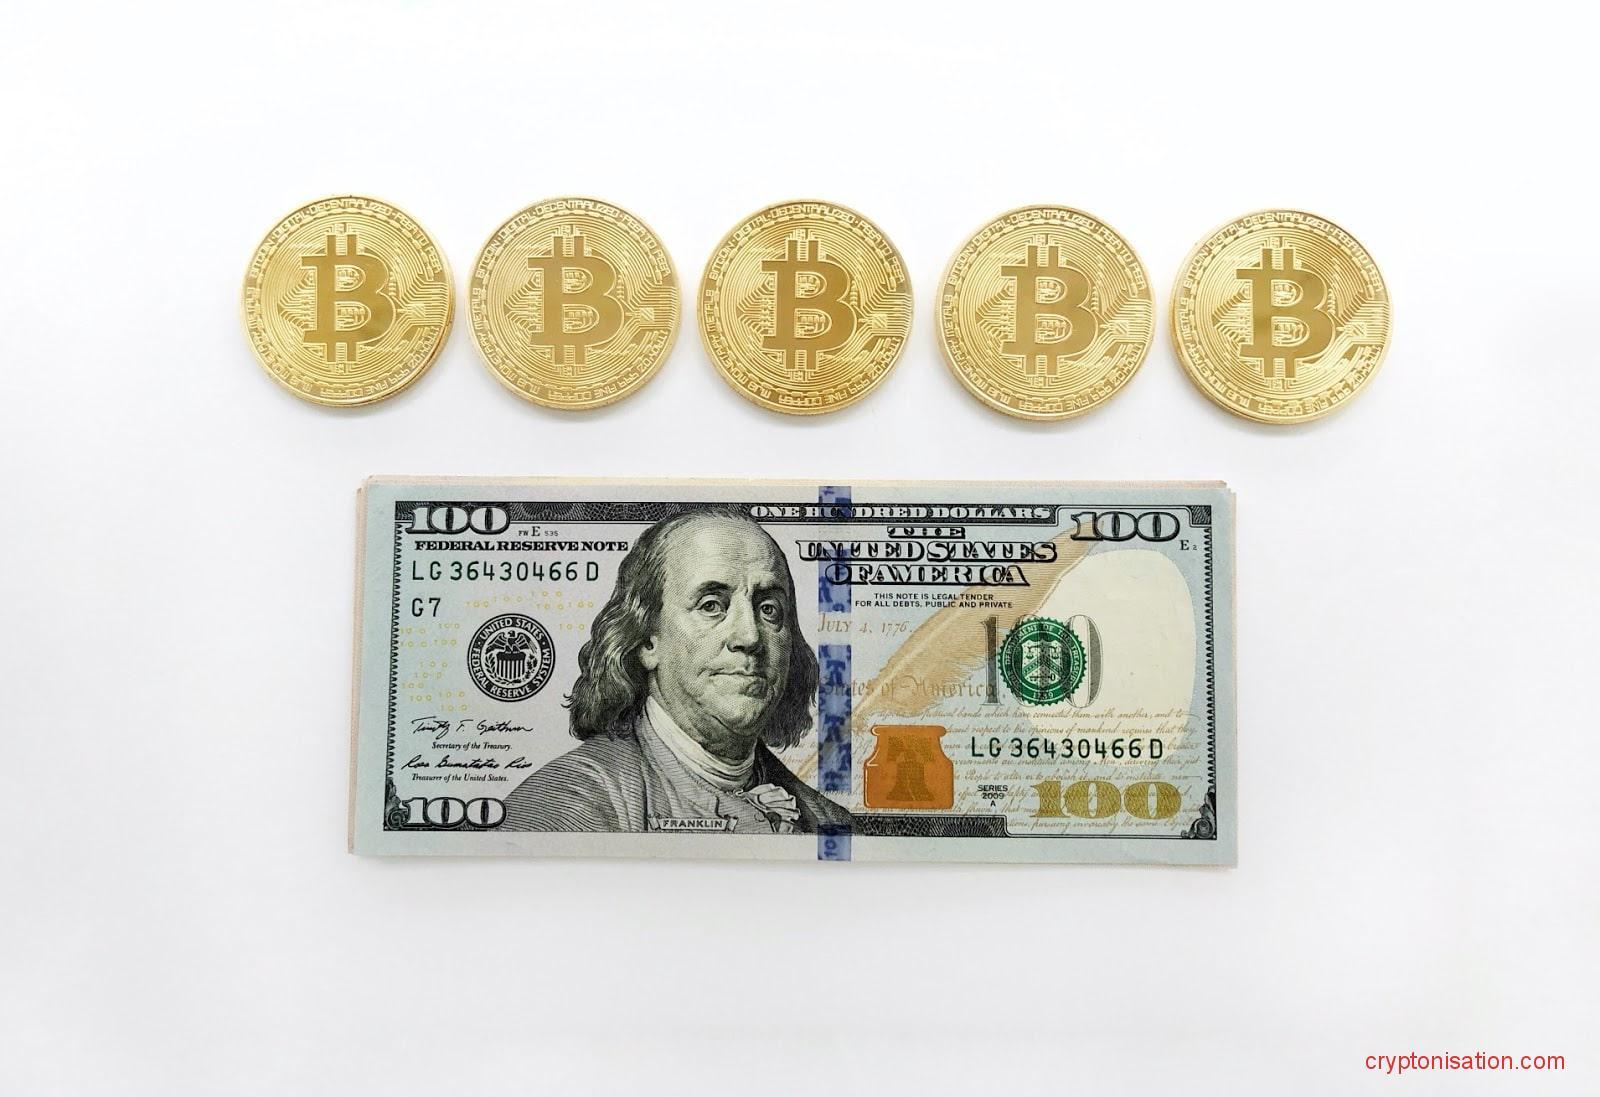 Криптовалюта может выступать как защитный актив во время кризисов